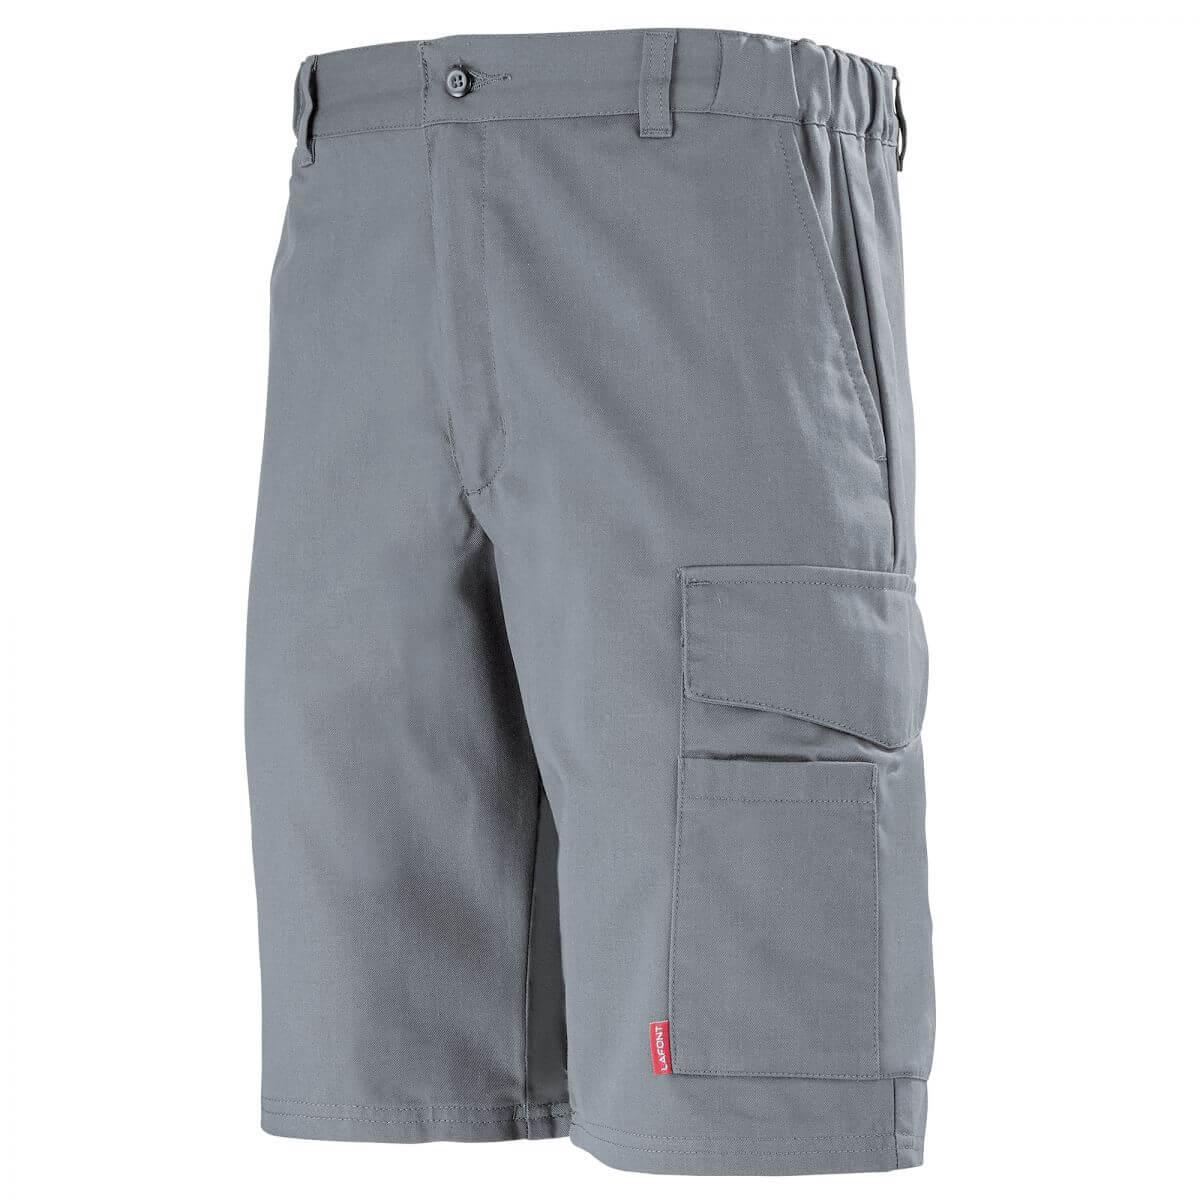 c502fa8999421 Bermudas & Shorts de Travail - Vêtements professionnels d'été